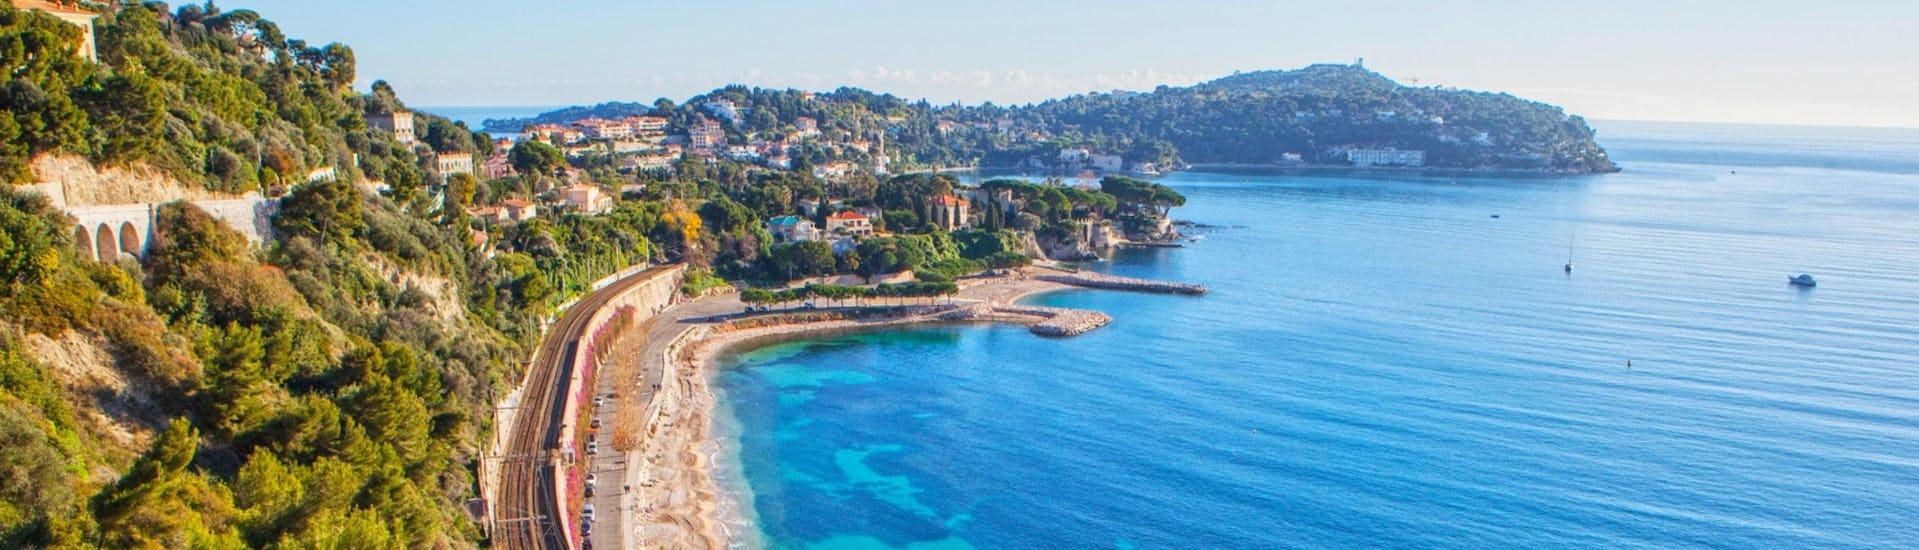 Une photo de la plage et des eaux bleues profondes de la Côte d'Azur que vous pouvez apercevoir en faisant du jet ski ou d'autres activités nautiques à Antibes.